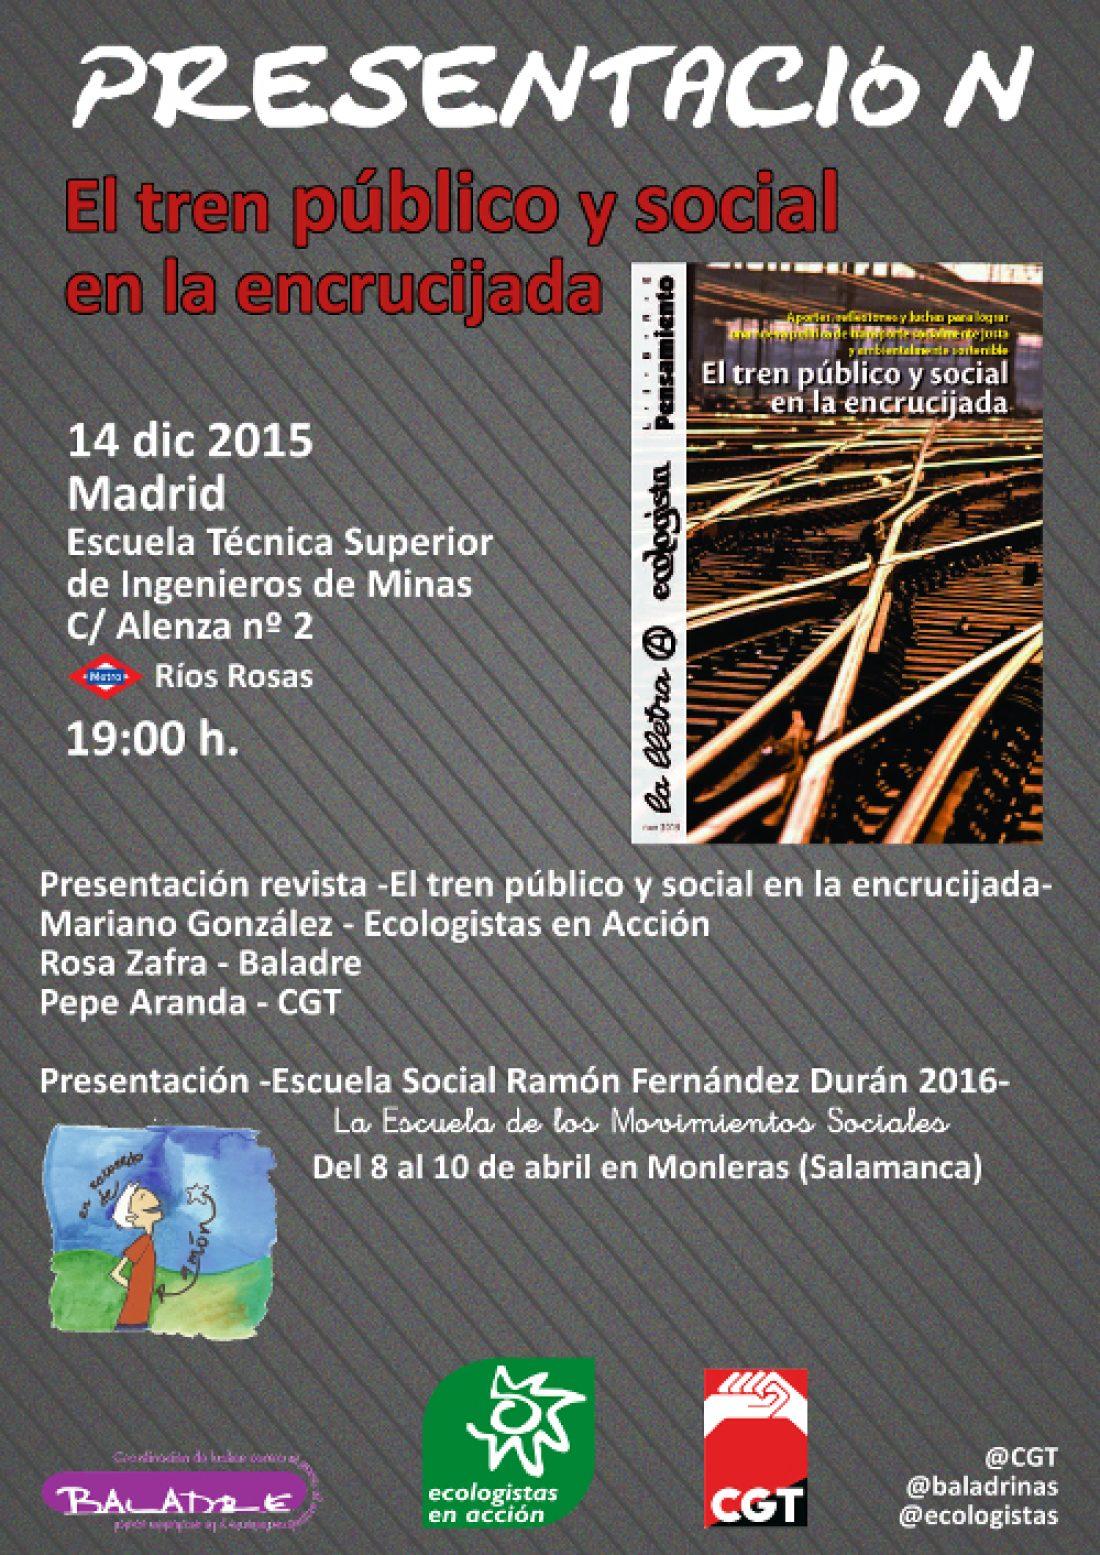 Presentación en Madrid de la revista -El tren público y social en la encrucijada-